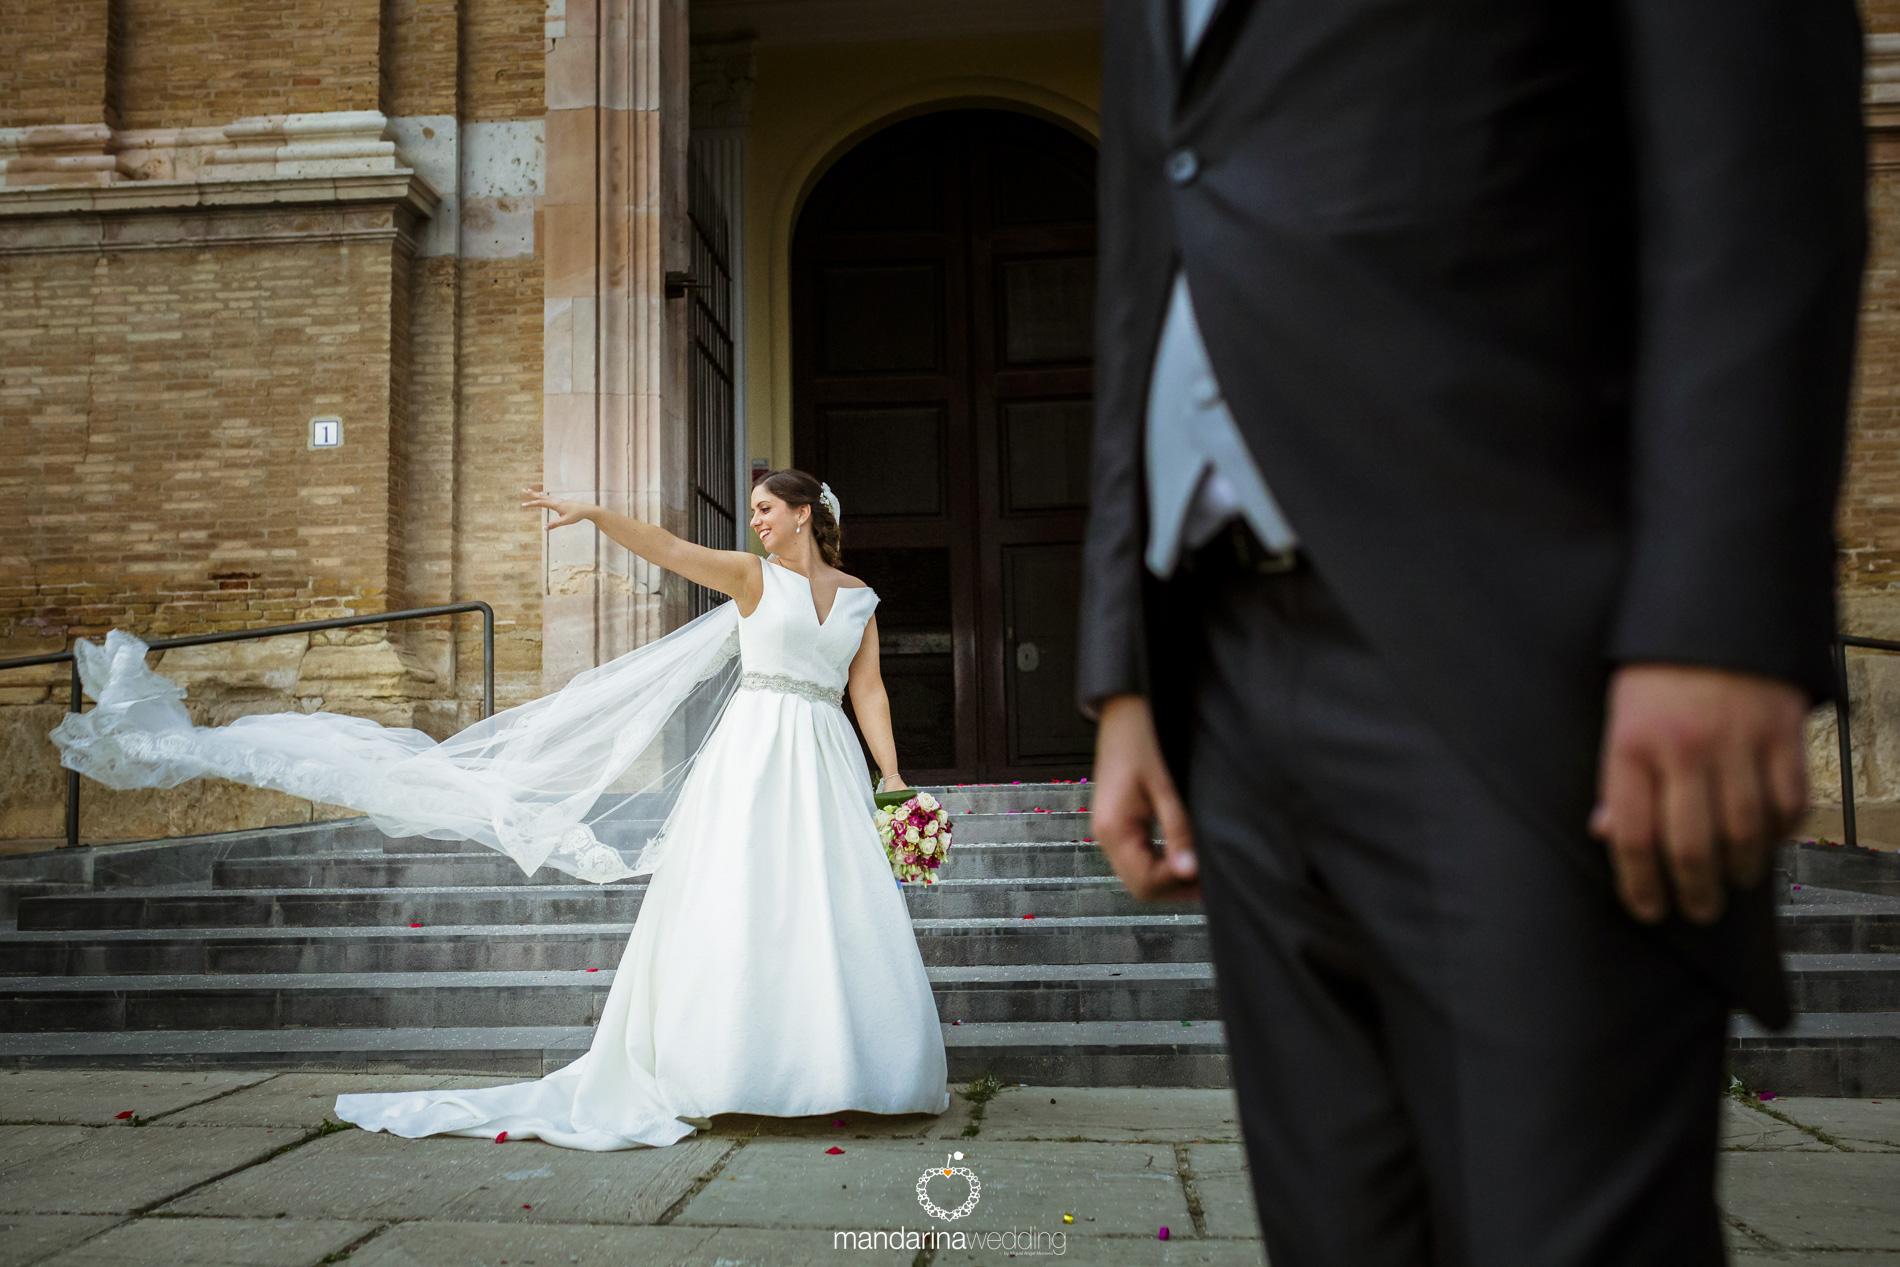 mandarina wedding, fotografo de boda, fotografo boda soria, fotografo boda barcelona, fotografo boda Madrid, fotografo boda lerida, fotografo boda Huesca, fotografo de destino_020